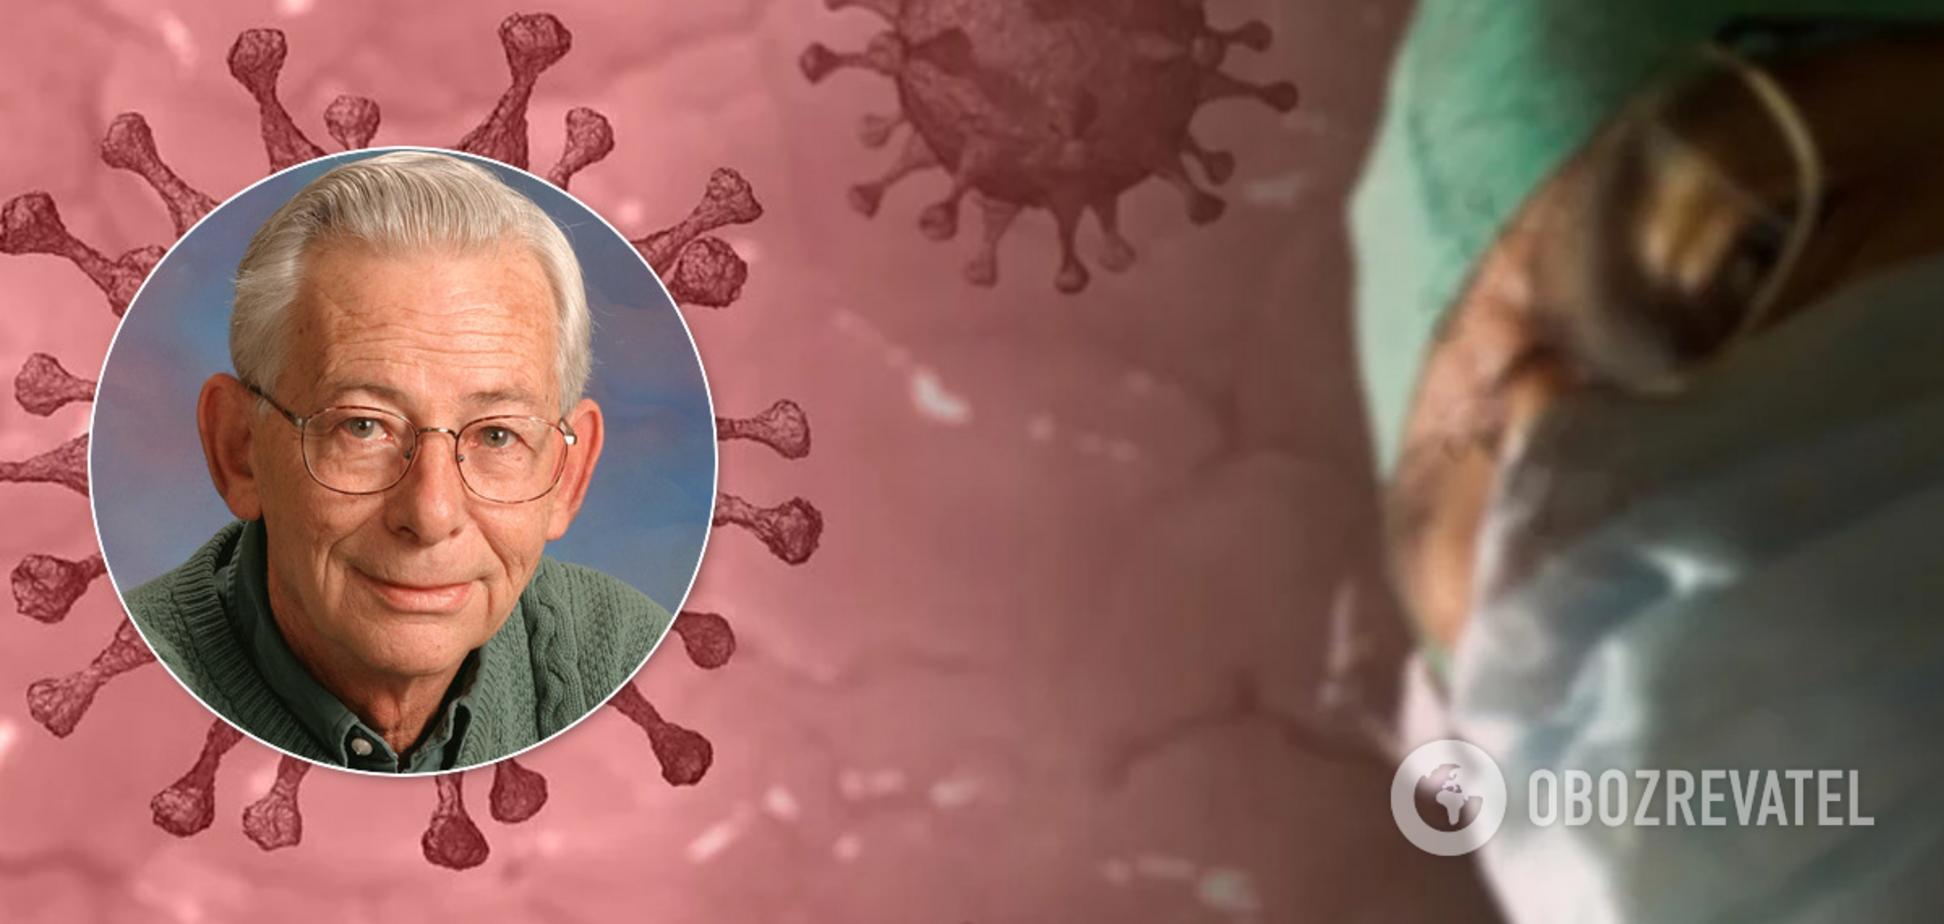 Епідемія коронавірусу може тривати роки, заразяться мільйони – американський вірусолог